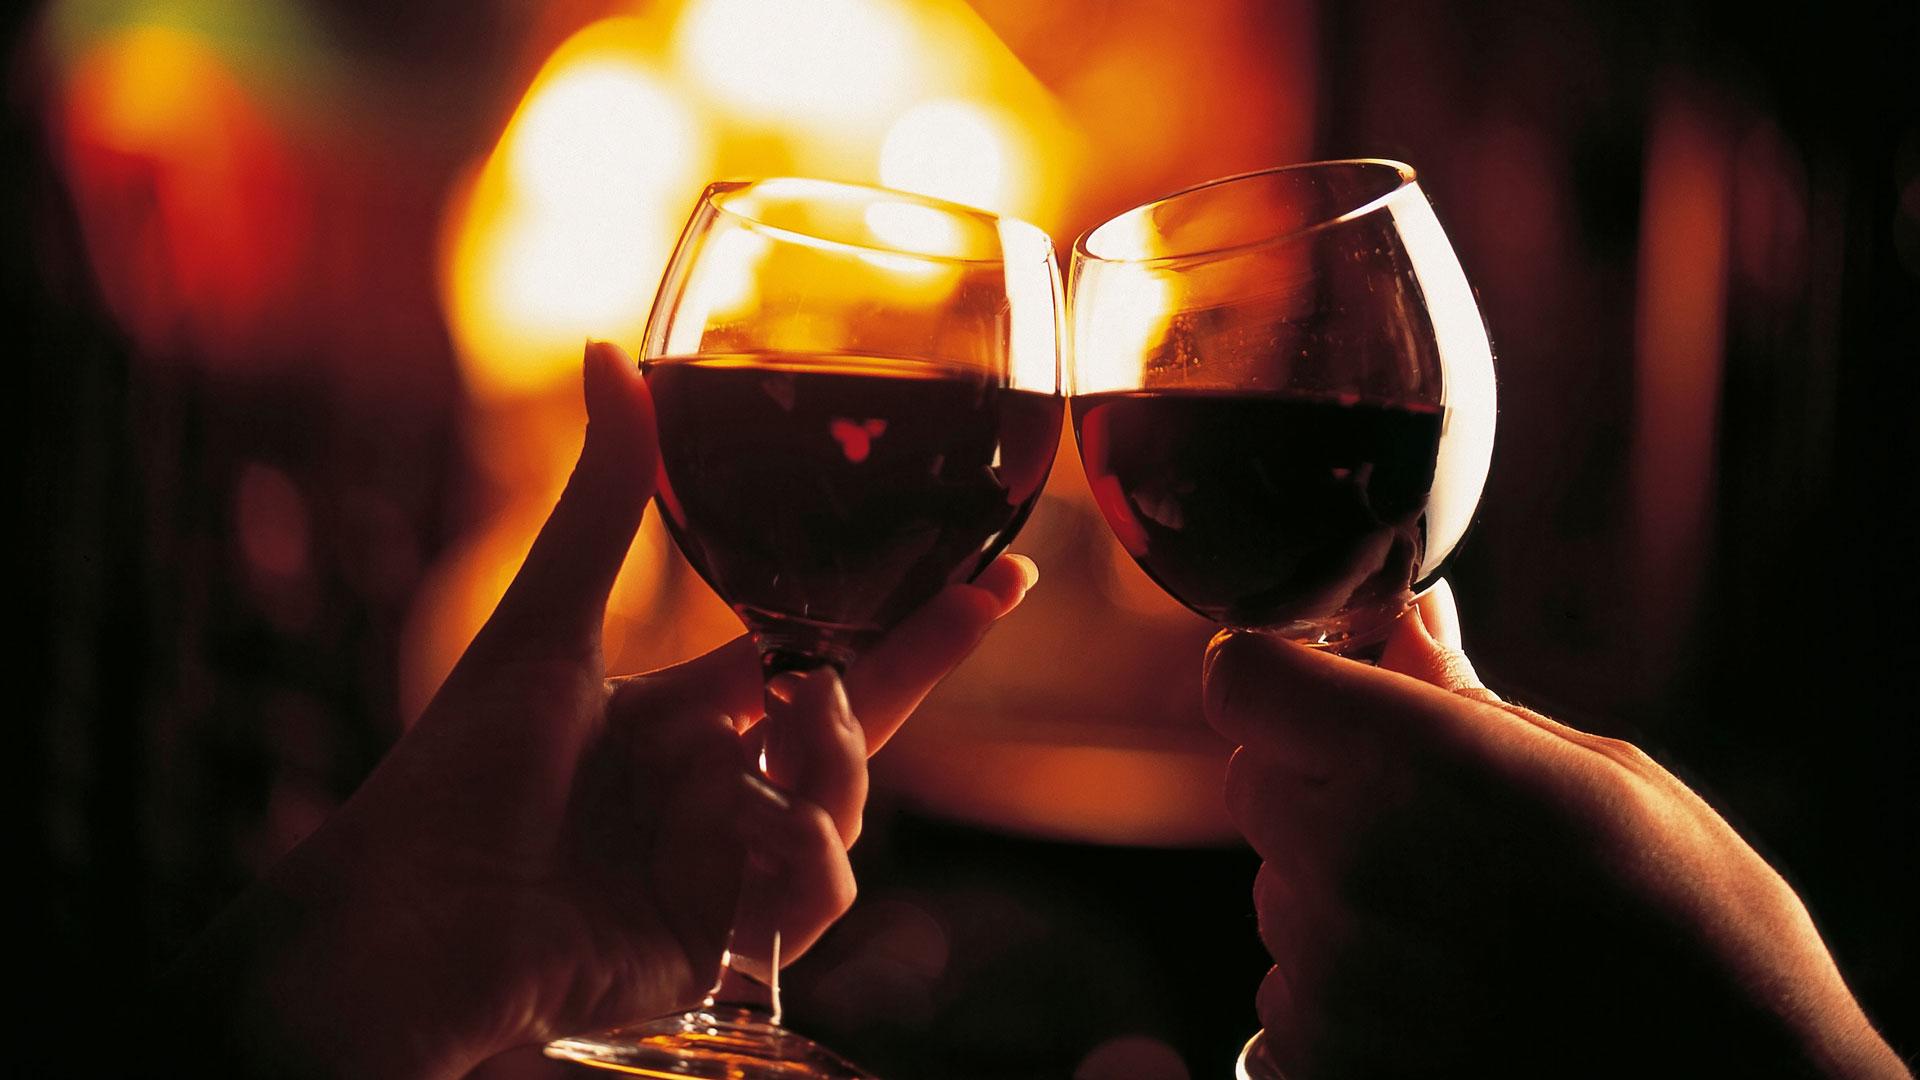 valentine-day-night-wine